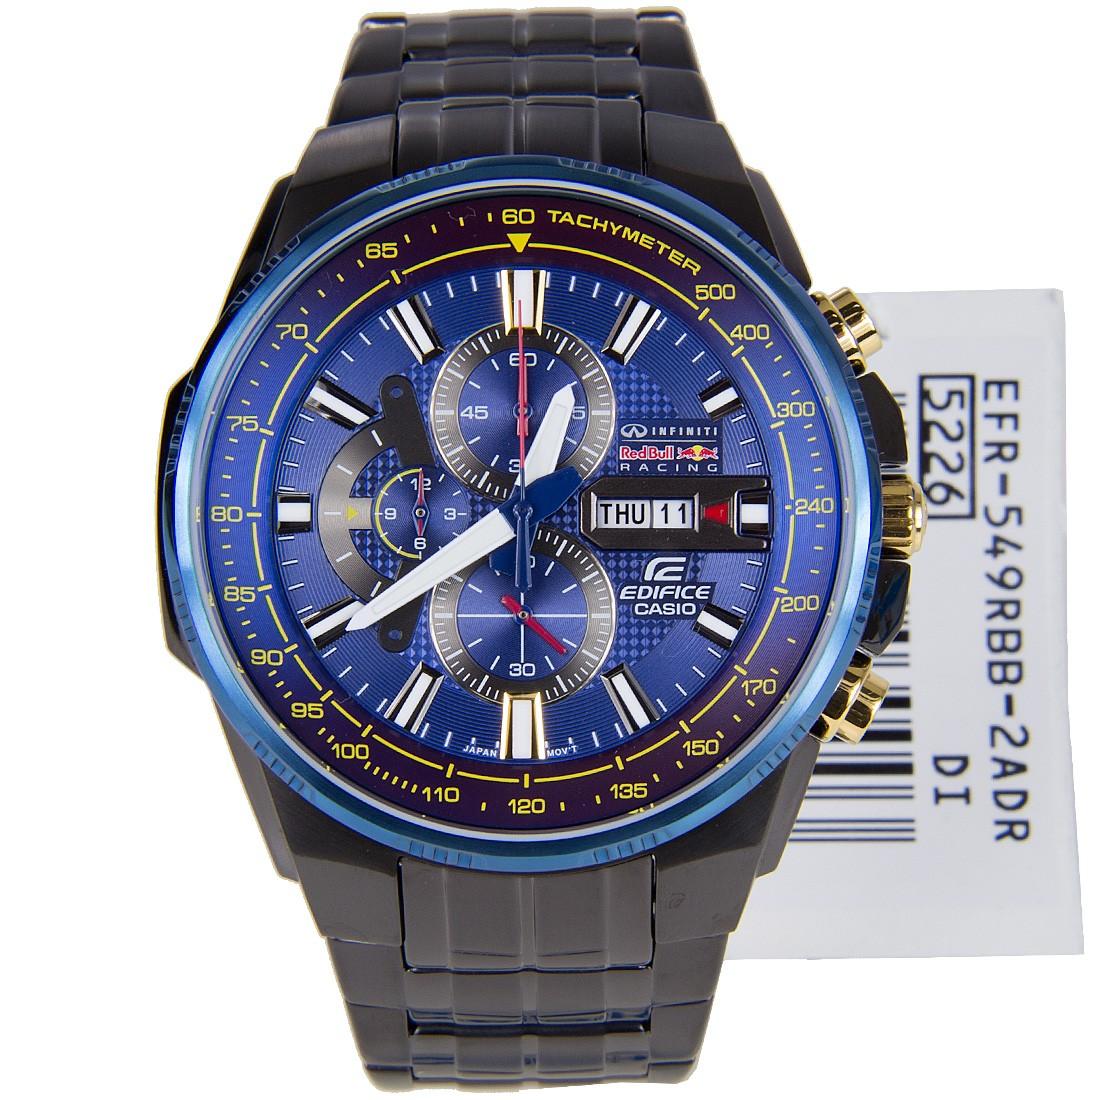 นาฬิกา คาสิโอ Casio Edifice Infiniti Red Bull Racing รุ่น EFR-549RBB-2AV สินค้าใหม่ ของแท้ ราคาถูก พร้อมใบรับประกัน